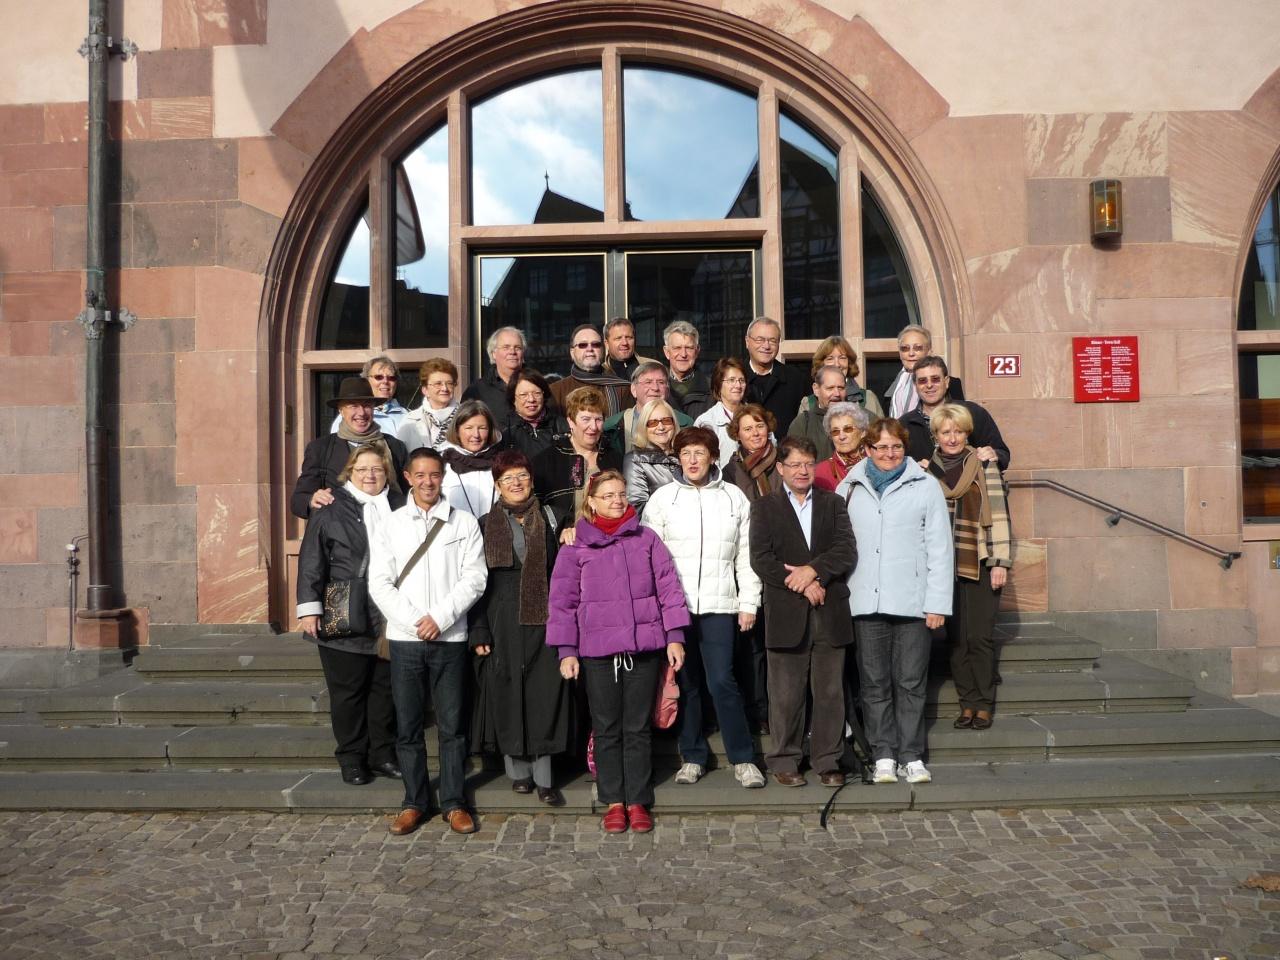 Le groupe prêt pour la visite de Francfort